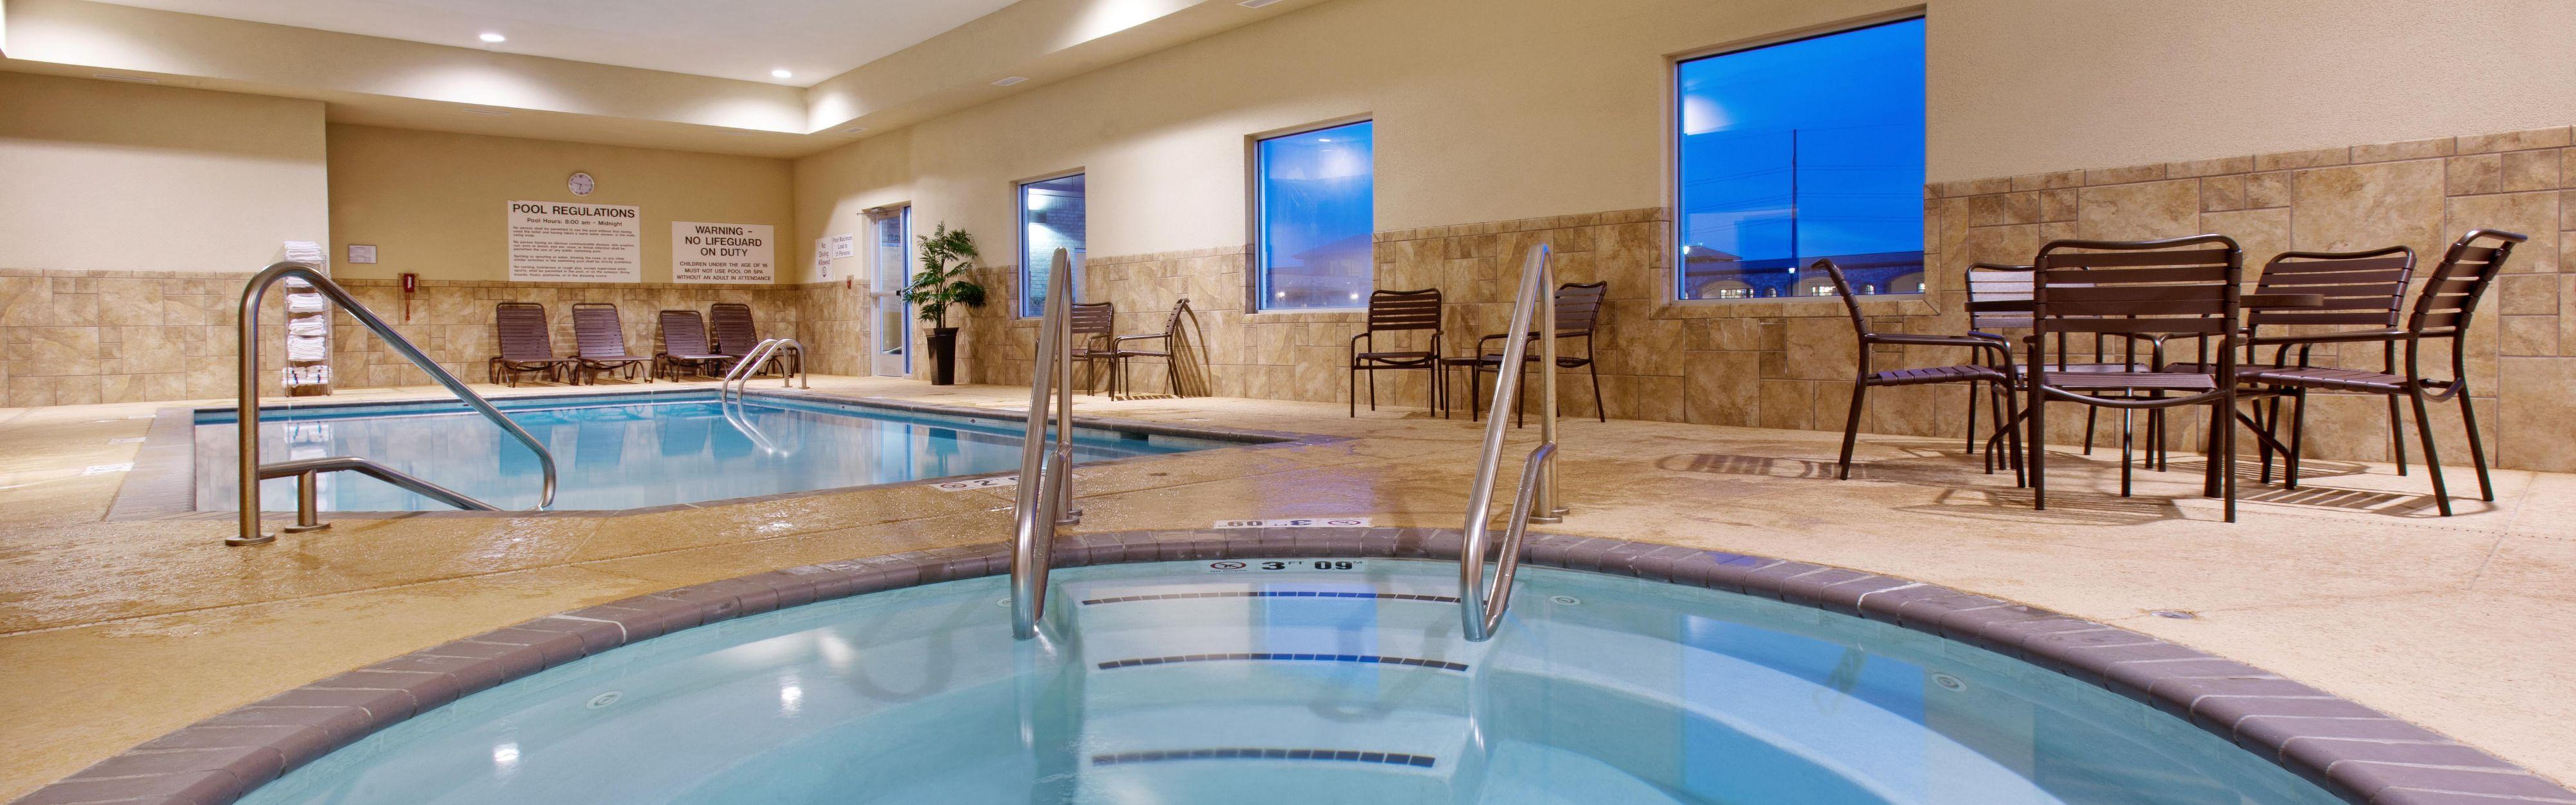 Holiday Inn Lincoln Southwest Lincoln Nebraska Ne